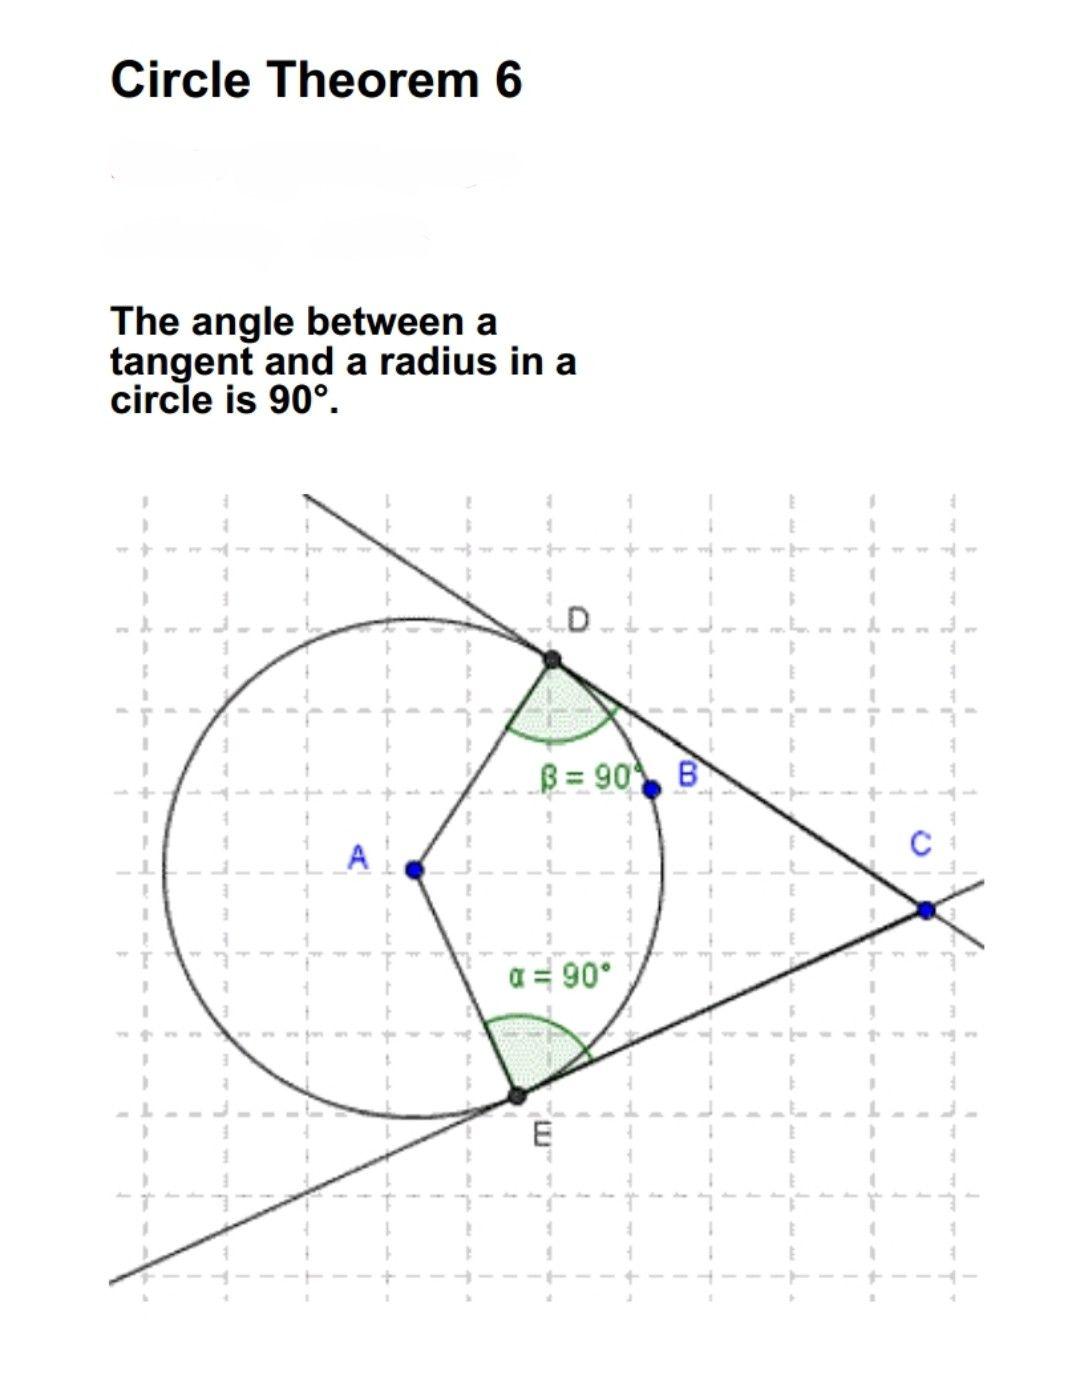 Circle Theorem 6